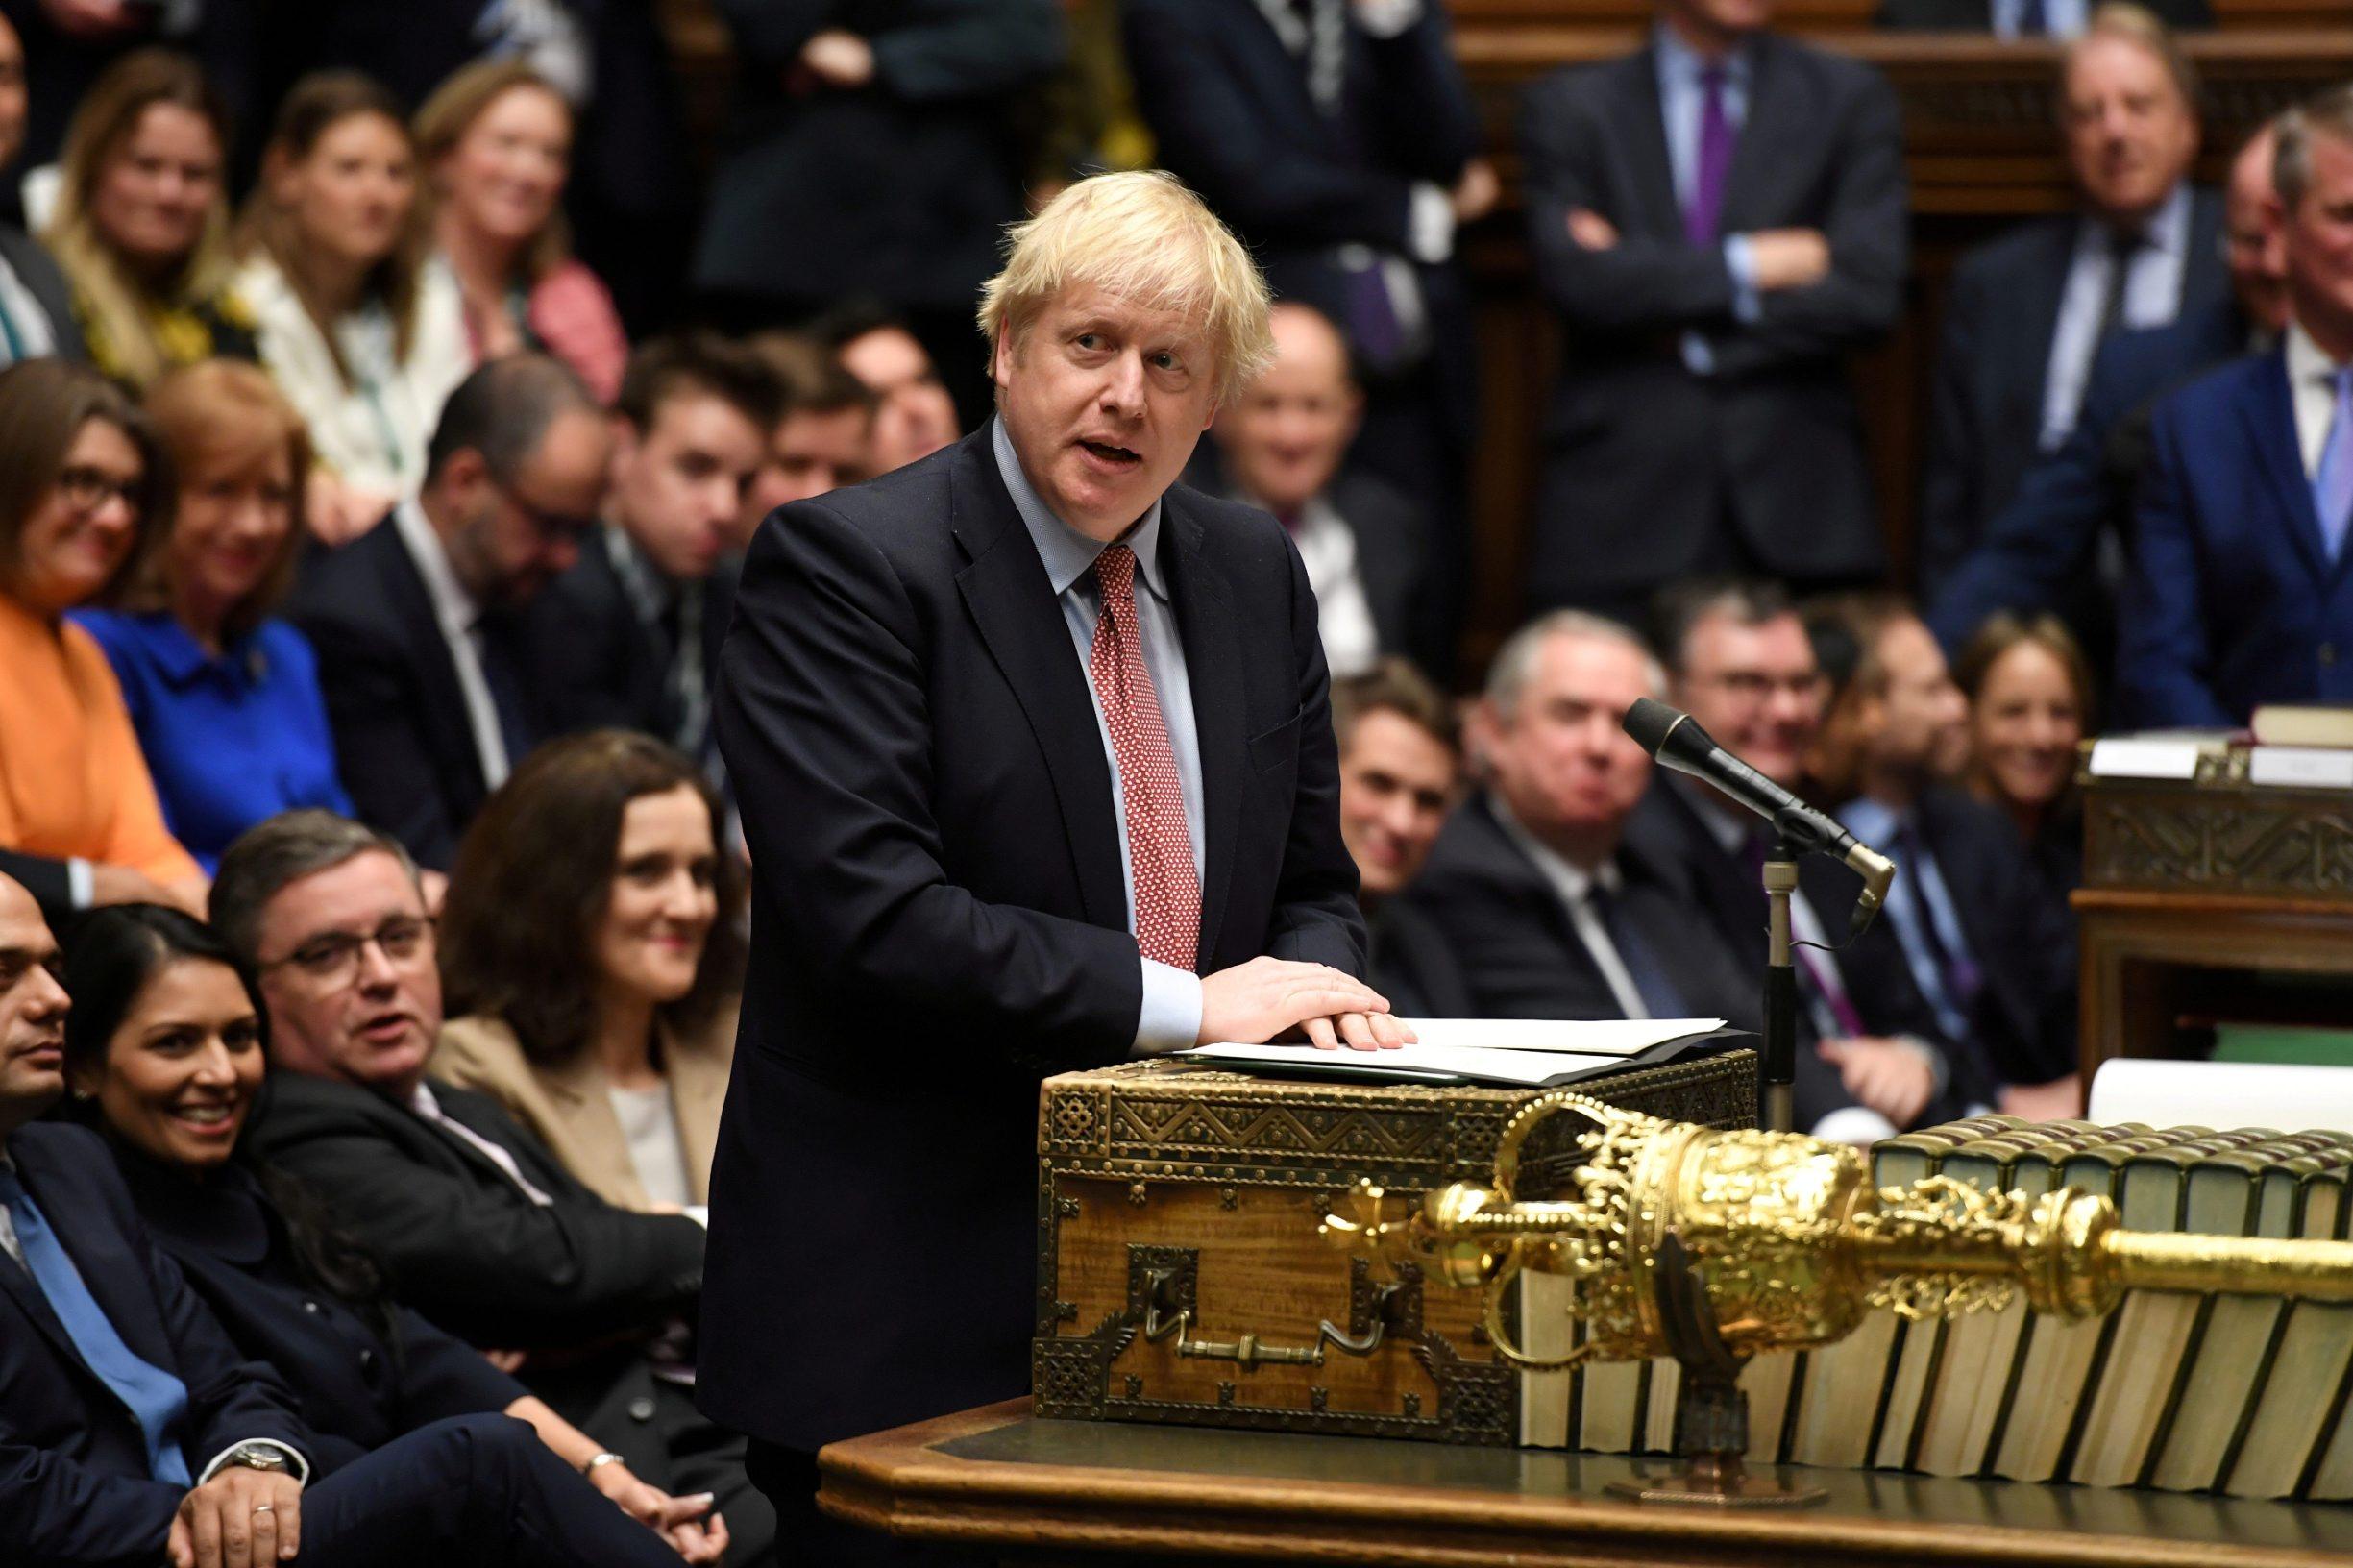 Hoće li novi-stari premijer Ujedinjene Kraljevine uspjeti ispregovarati povoljne trgovinske sporazume s EU i SAD-om do kraja 2020. godine ili će mu u ključnom trenutku ponestati sreće?